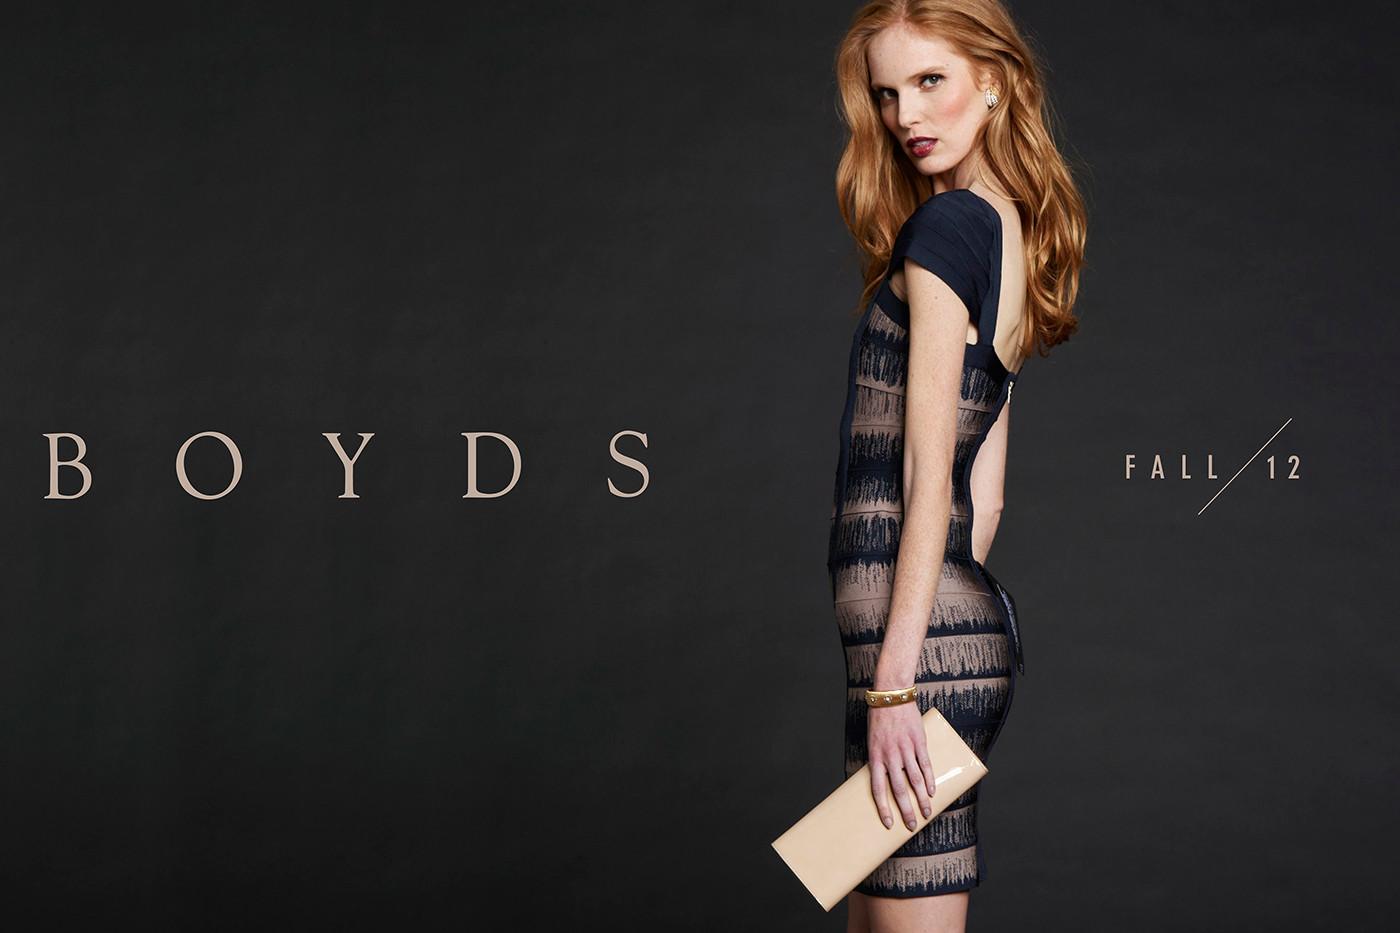 Boyds_Ads-3000x2000.jpg